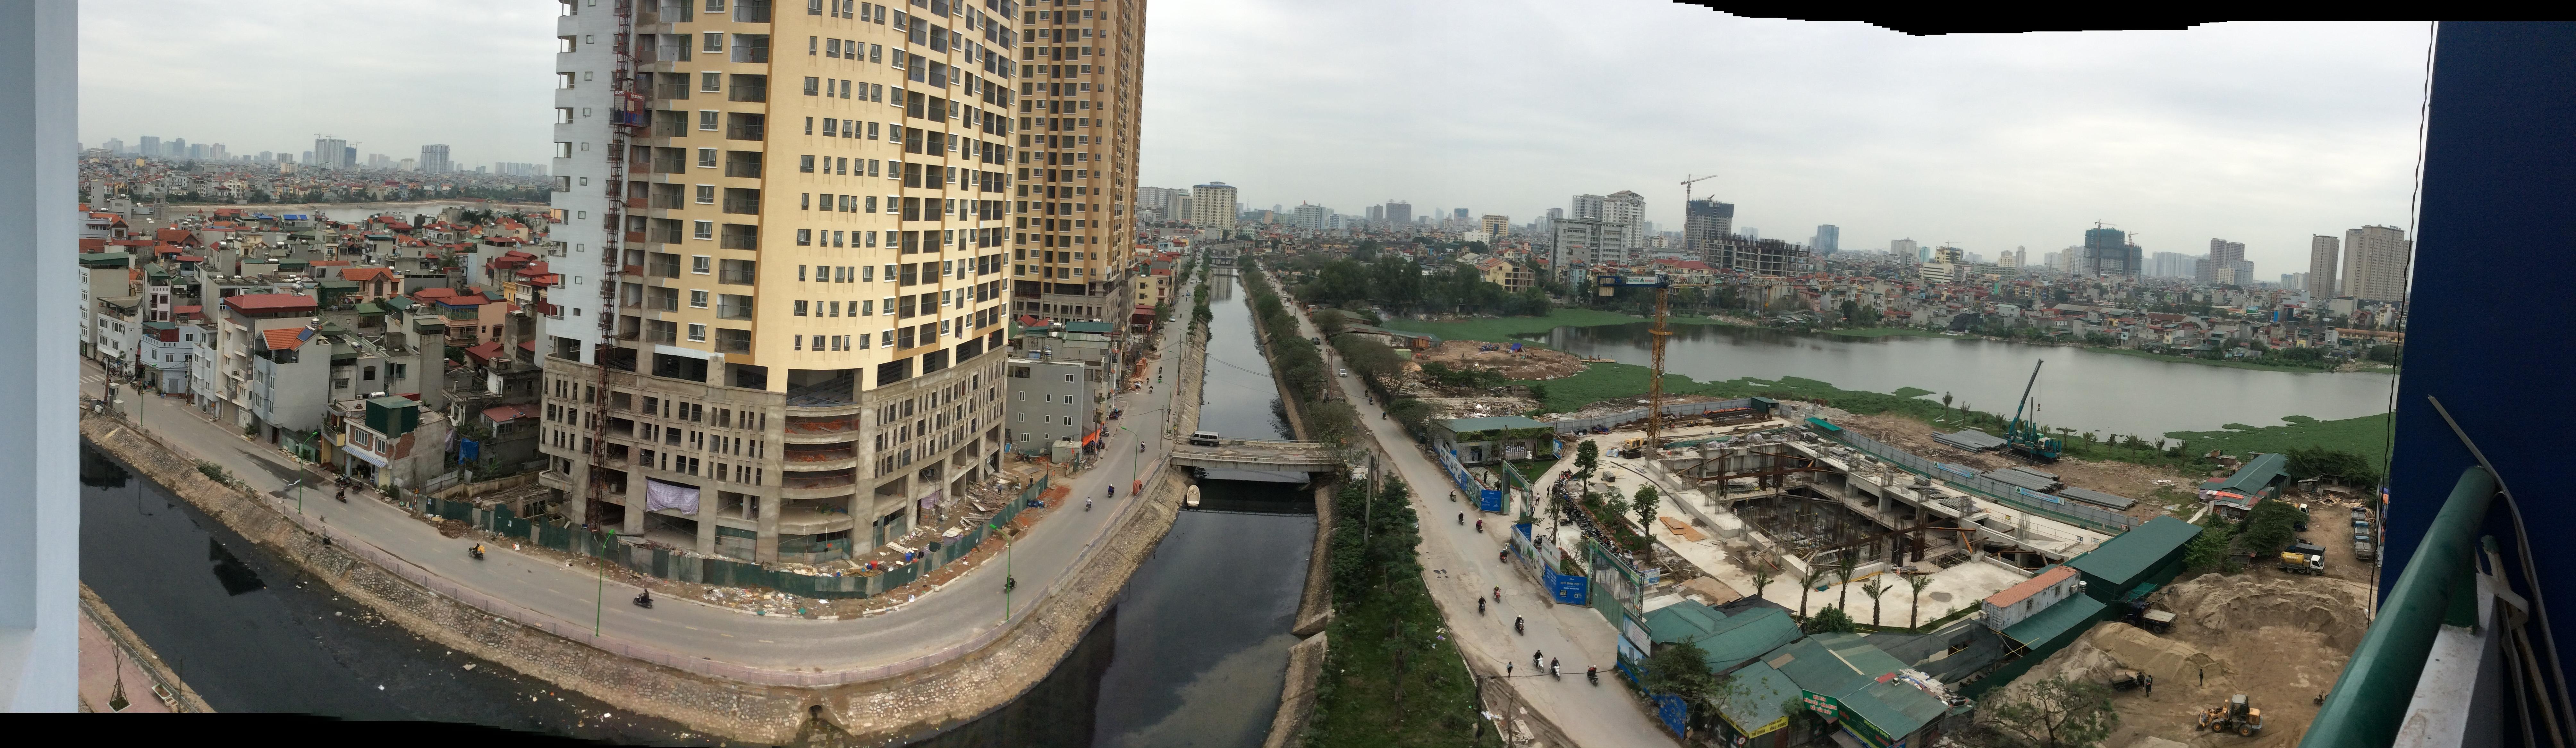 Toàn cảnh khu vực trước sông sau hồ. Đối diện là 2 tòa CT36 cao 25 tầng